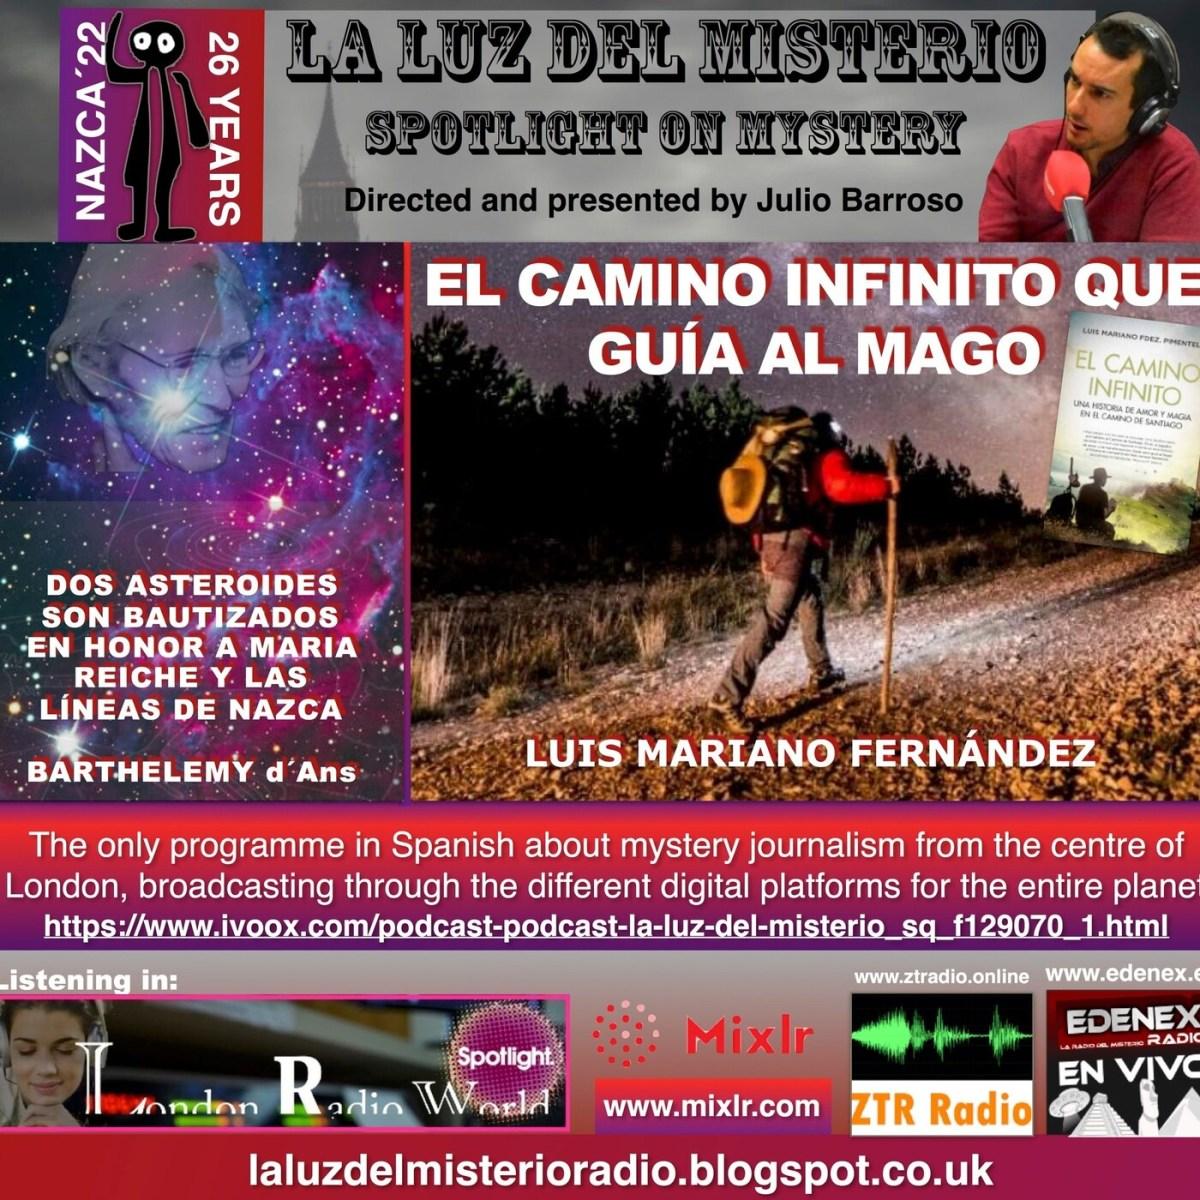 La Luz de Misterio-El Camino Infinito que Guía al Mago Luis Mariano F./Asteroides Maria Reiche y Nazca Barthelemy d'Ans